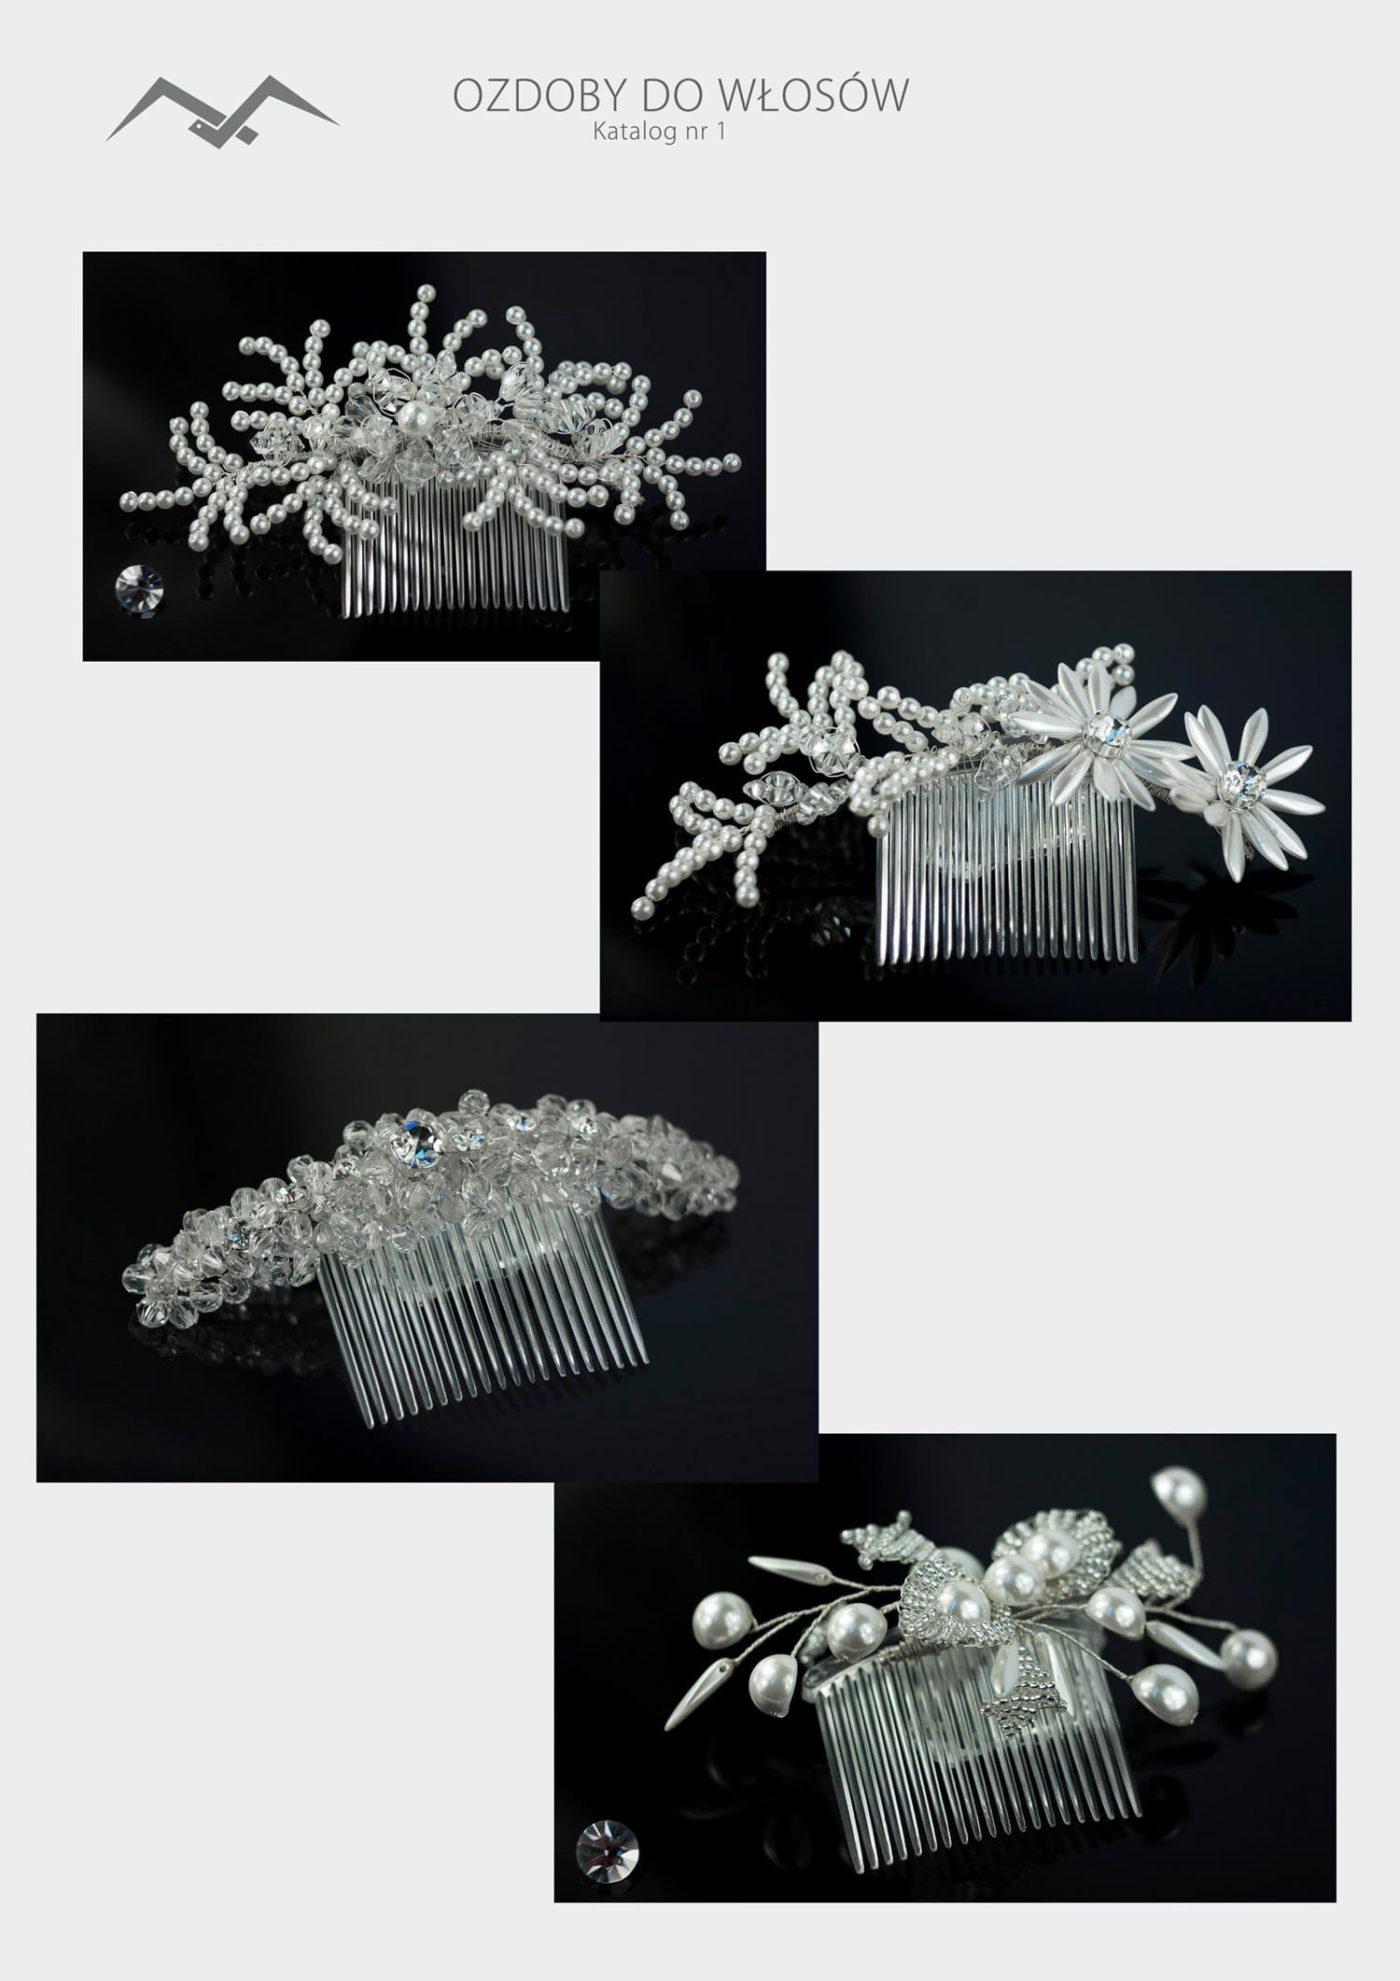 Katalog_ozdoby-do-włosów-min | Ozdoby do włosów